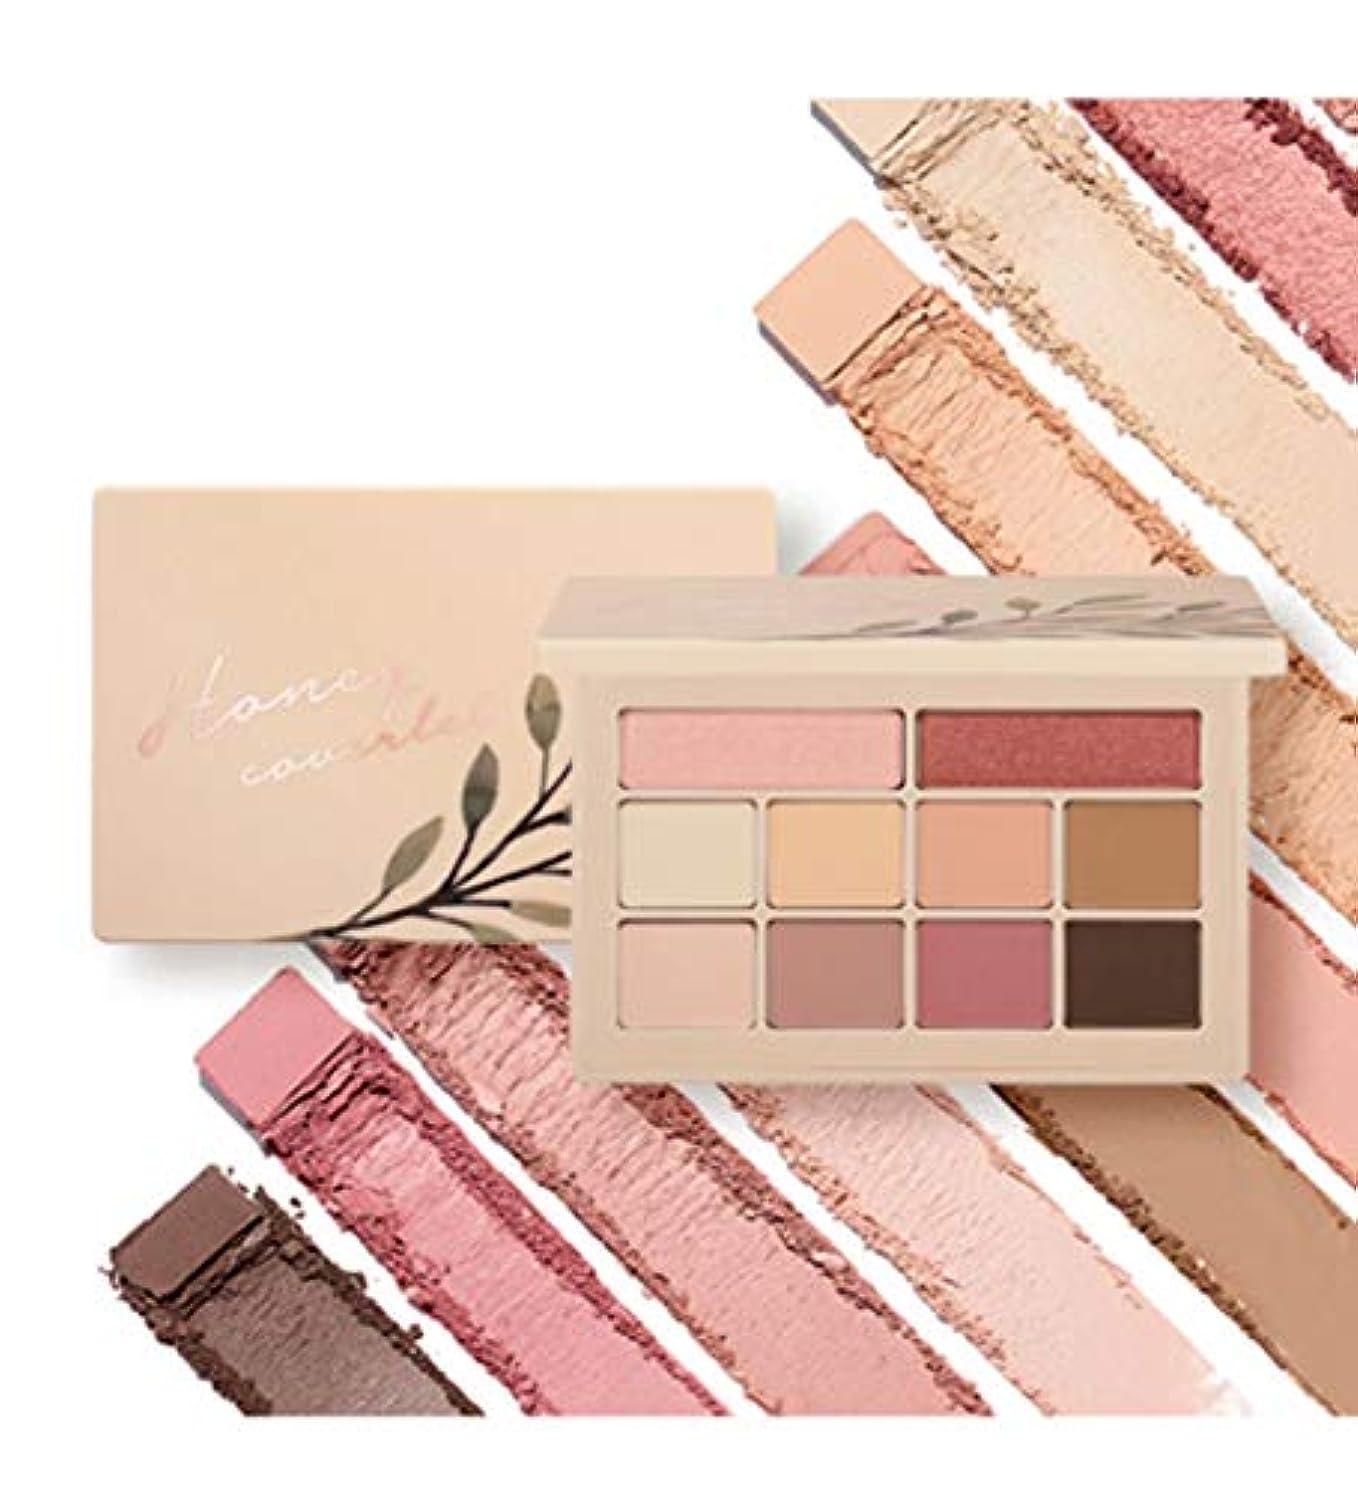 薄める遠え崖Moonshot Honey Coverlet Eyeshadow Palette YOO IN-NA COLLECTIONwarm tone&cool tone 10色のアイシャドウ(並行輸入品)